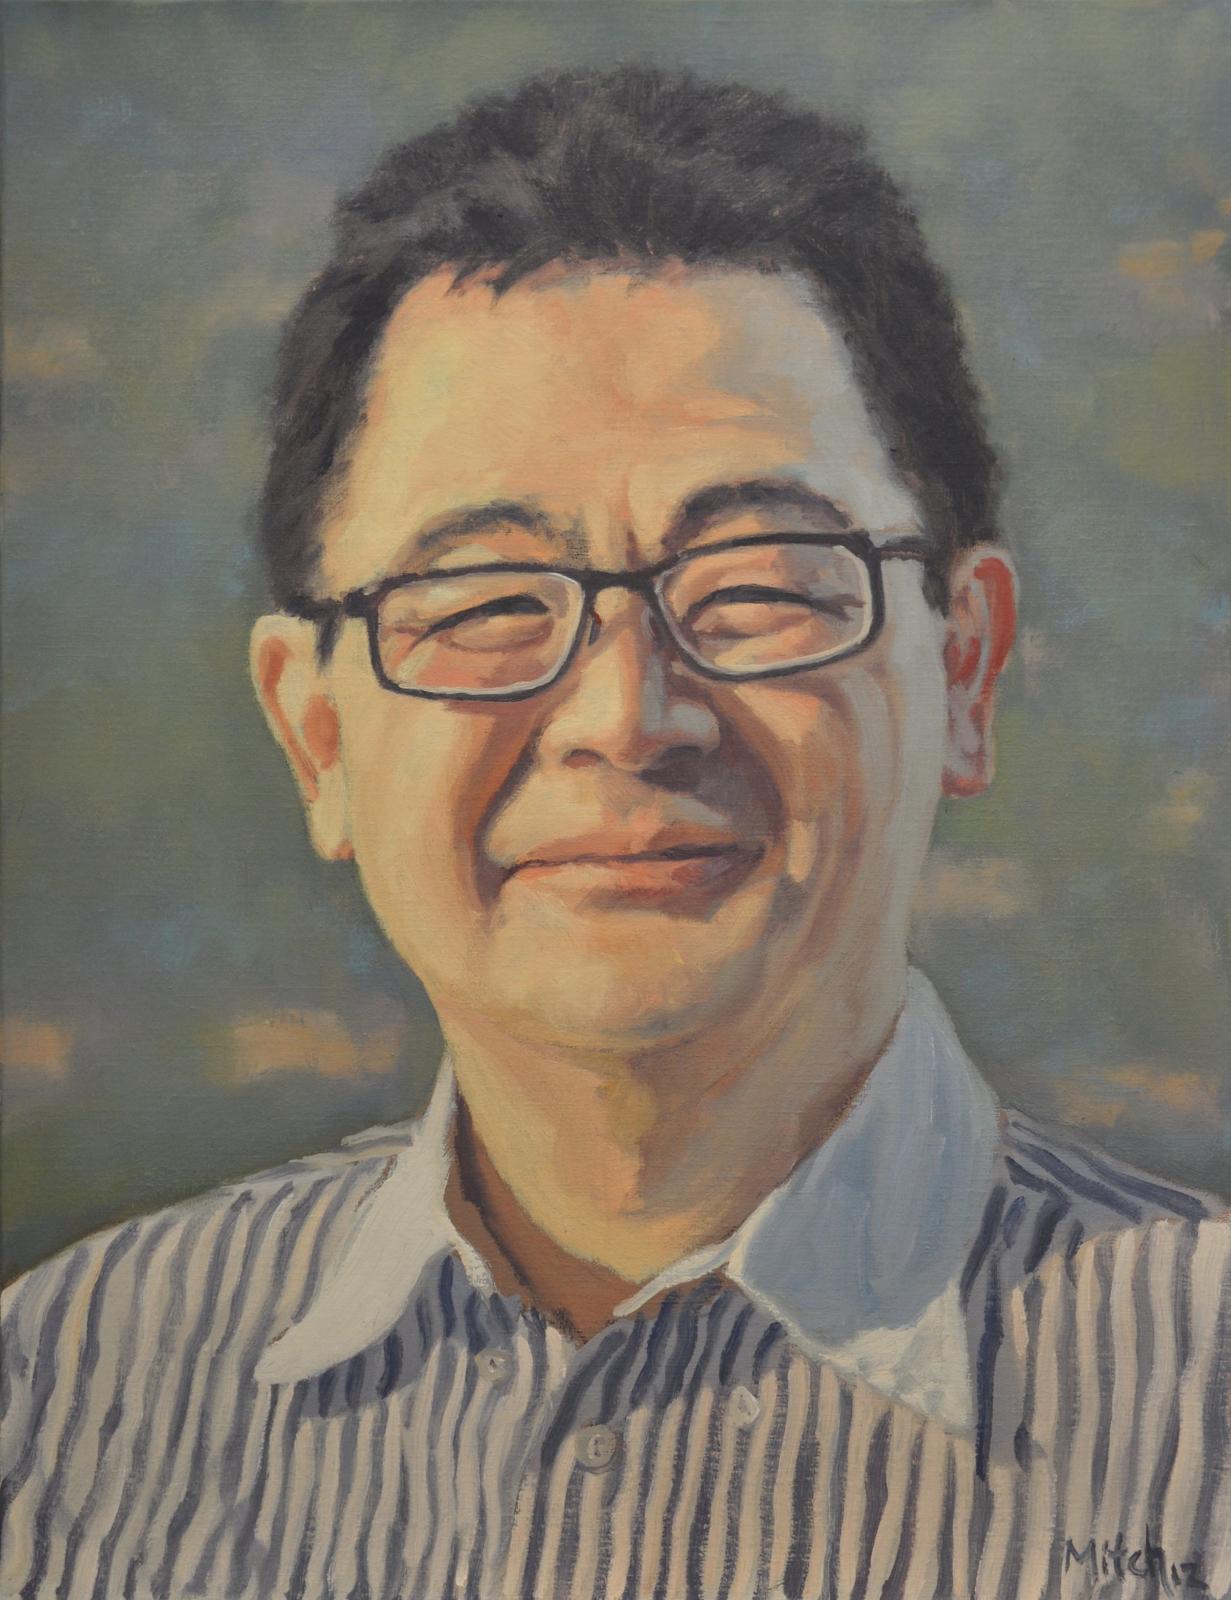 Boon Tan